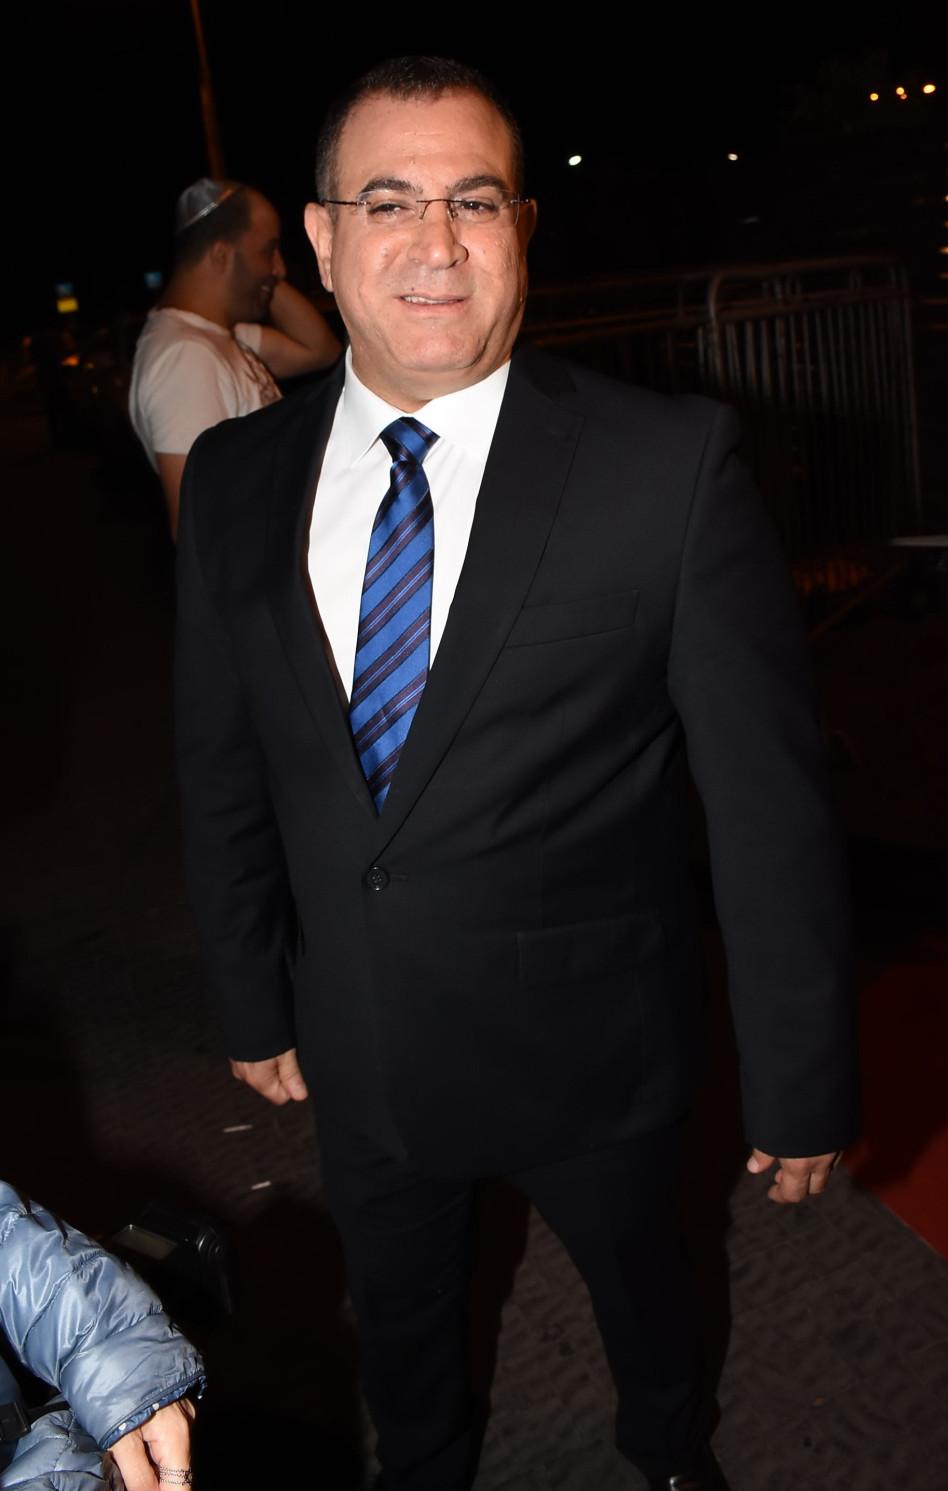 אלי יצפאן השאיל חליפה מראש הממשלה